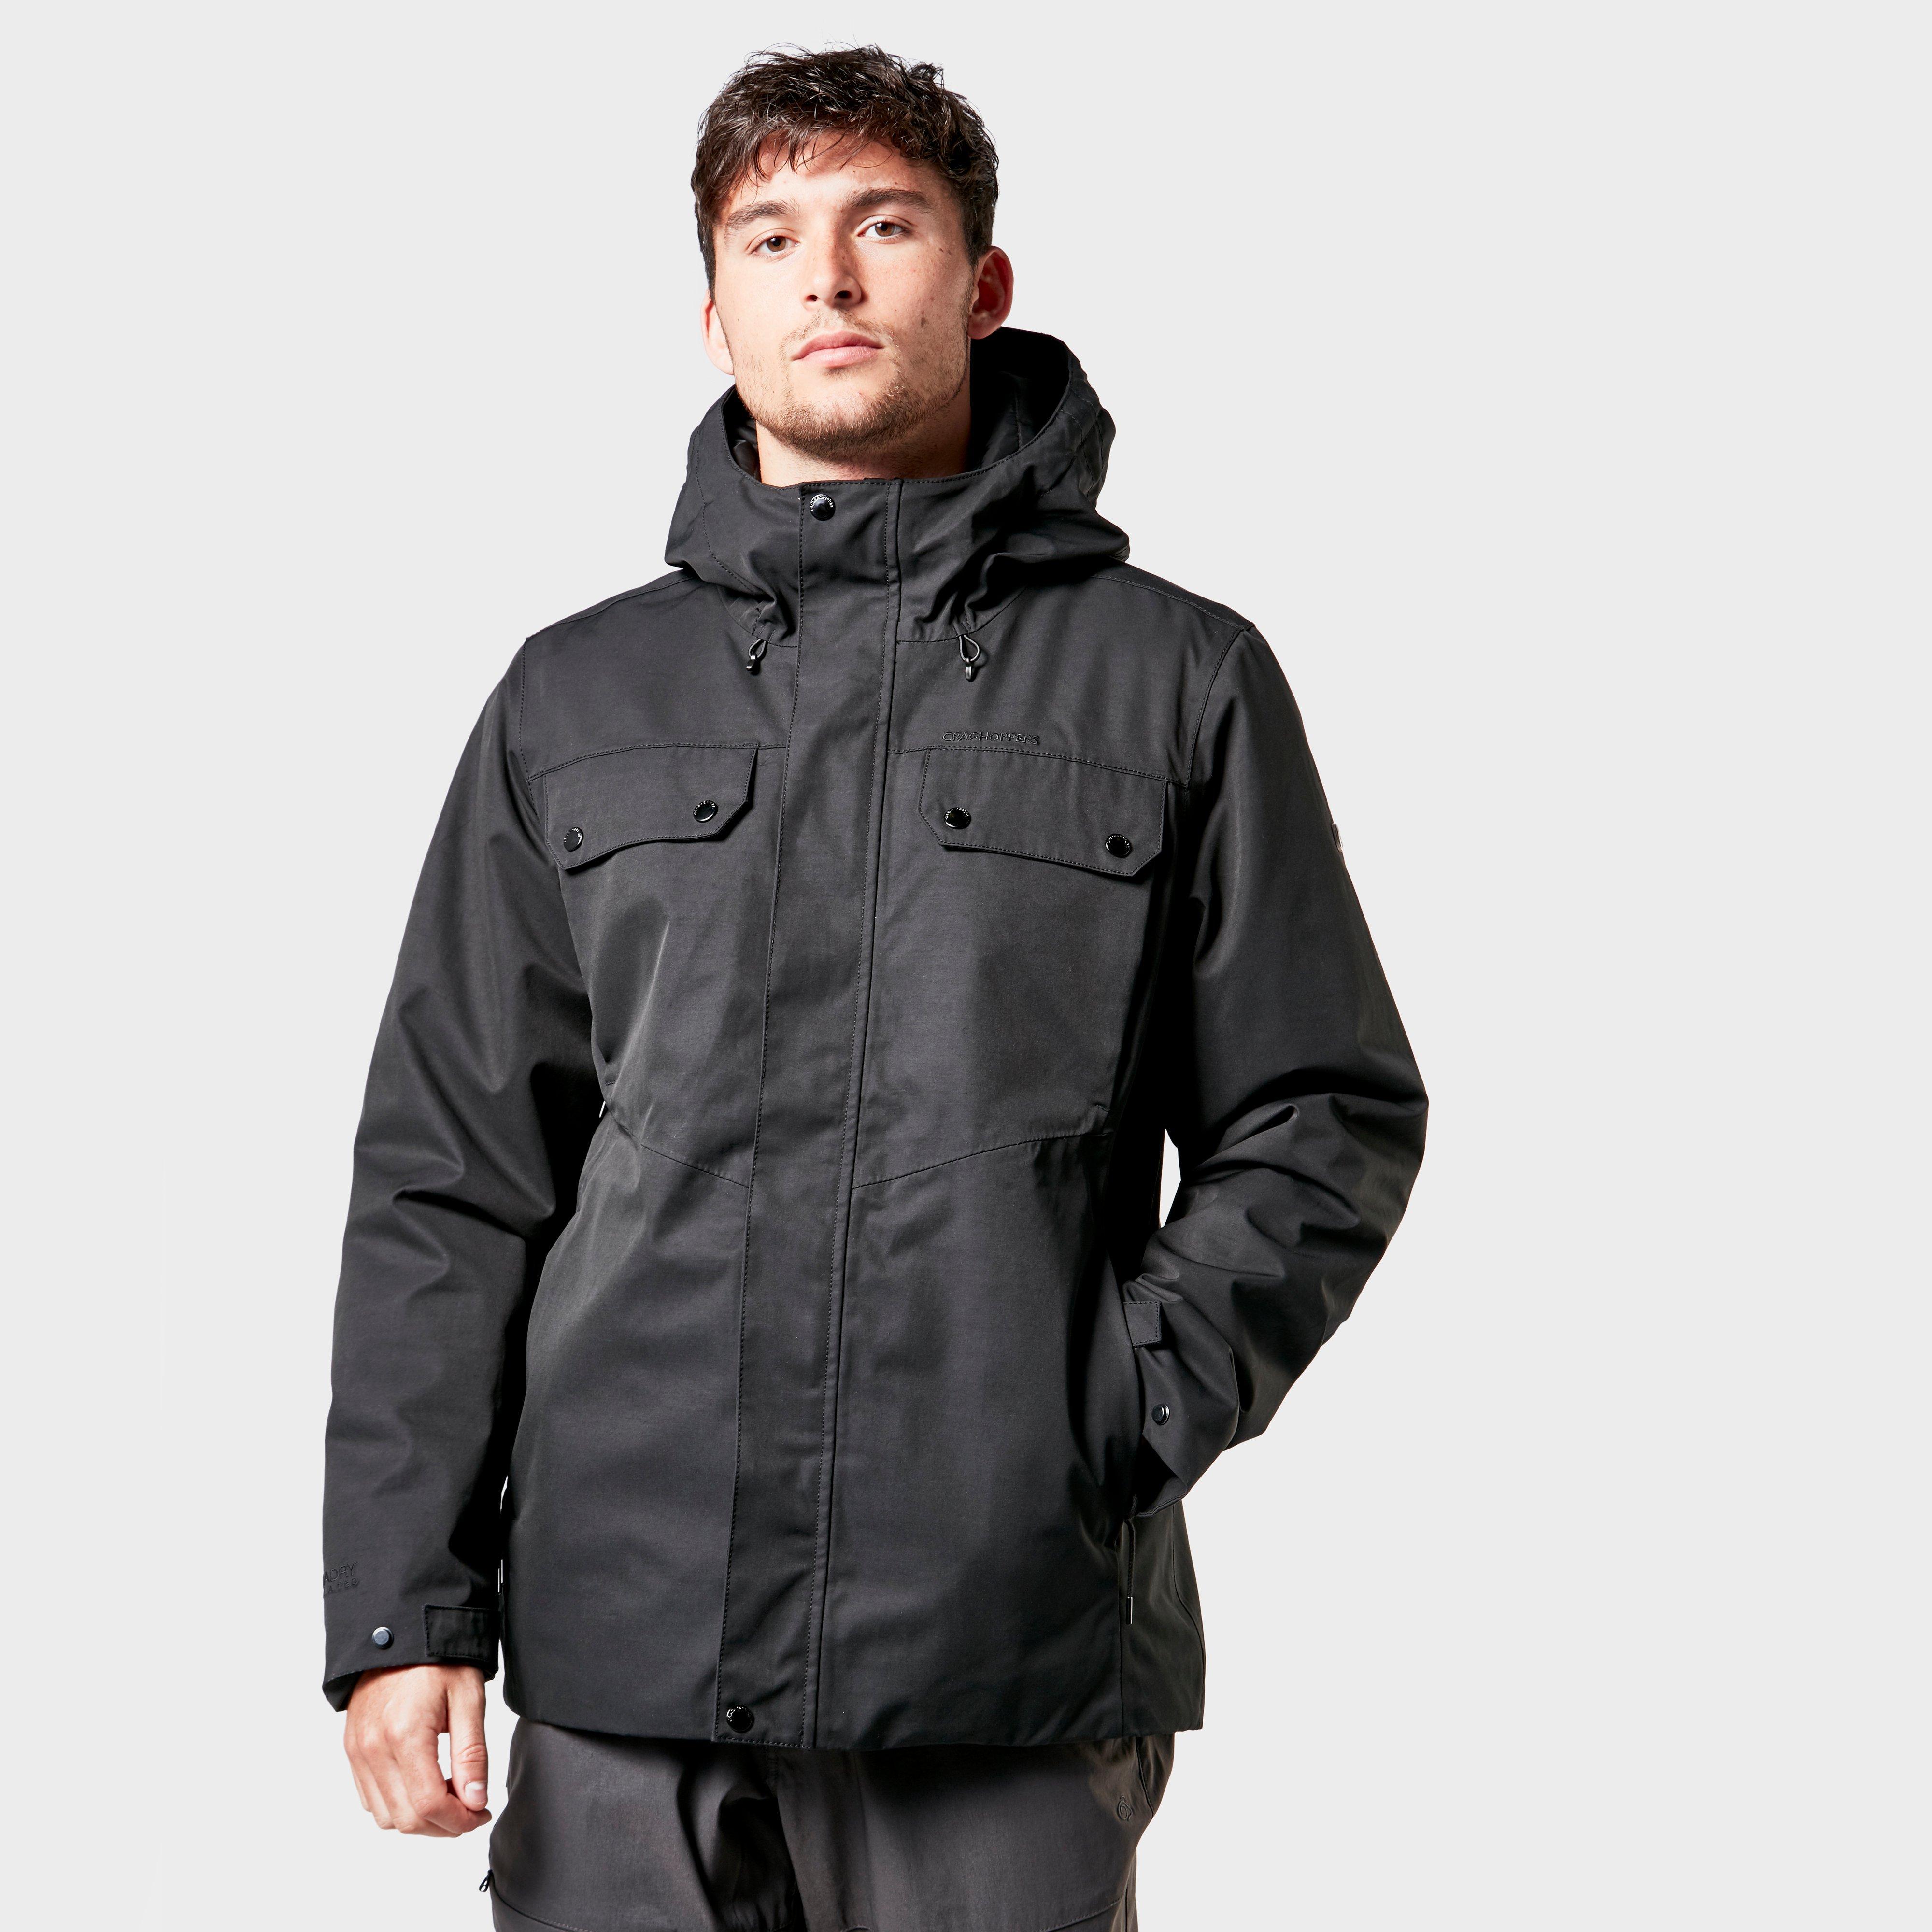 Craghoppers Craghoppers Mens Sabi Jacket - Black, Black